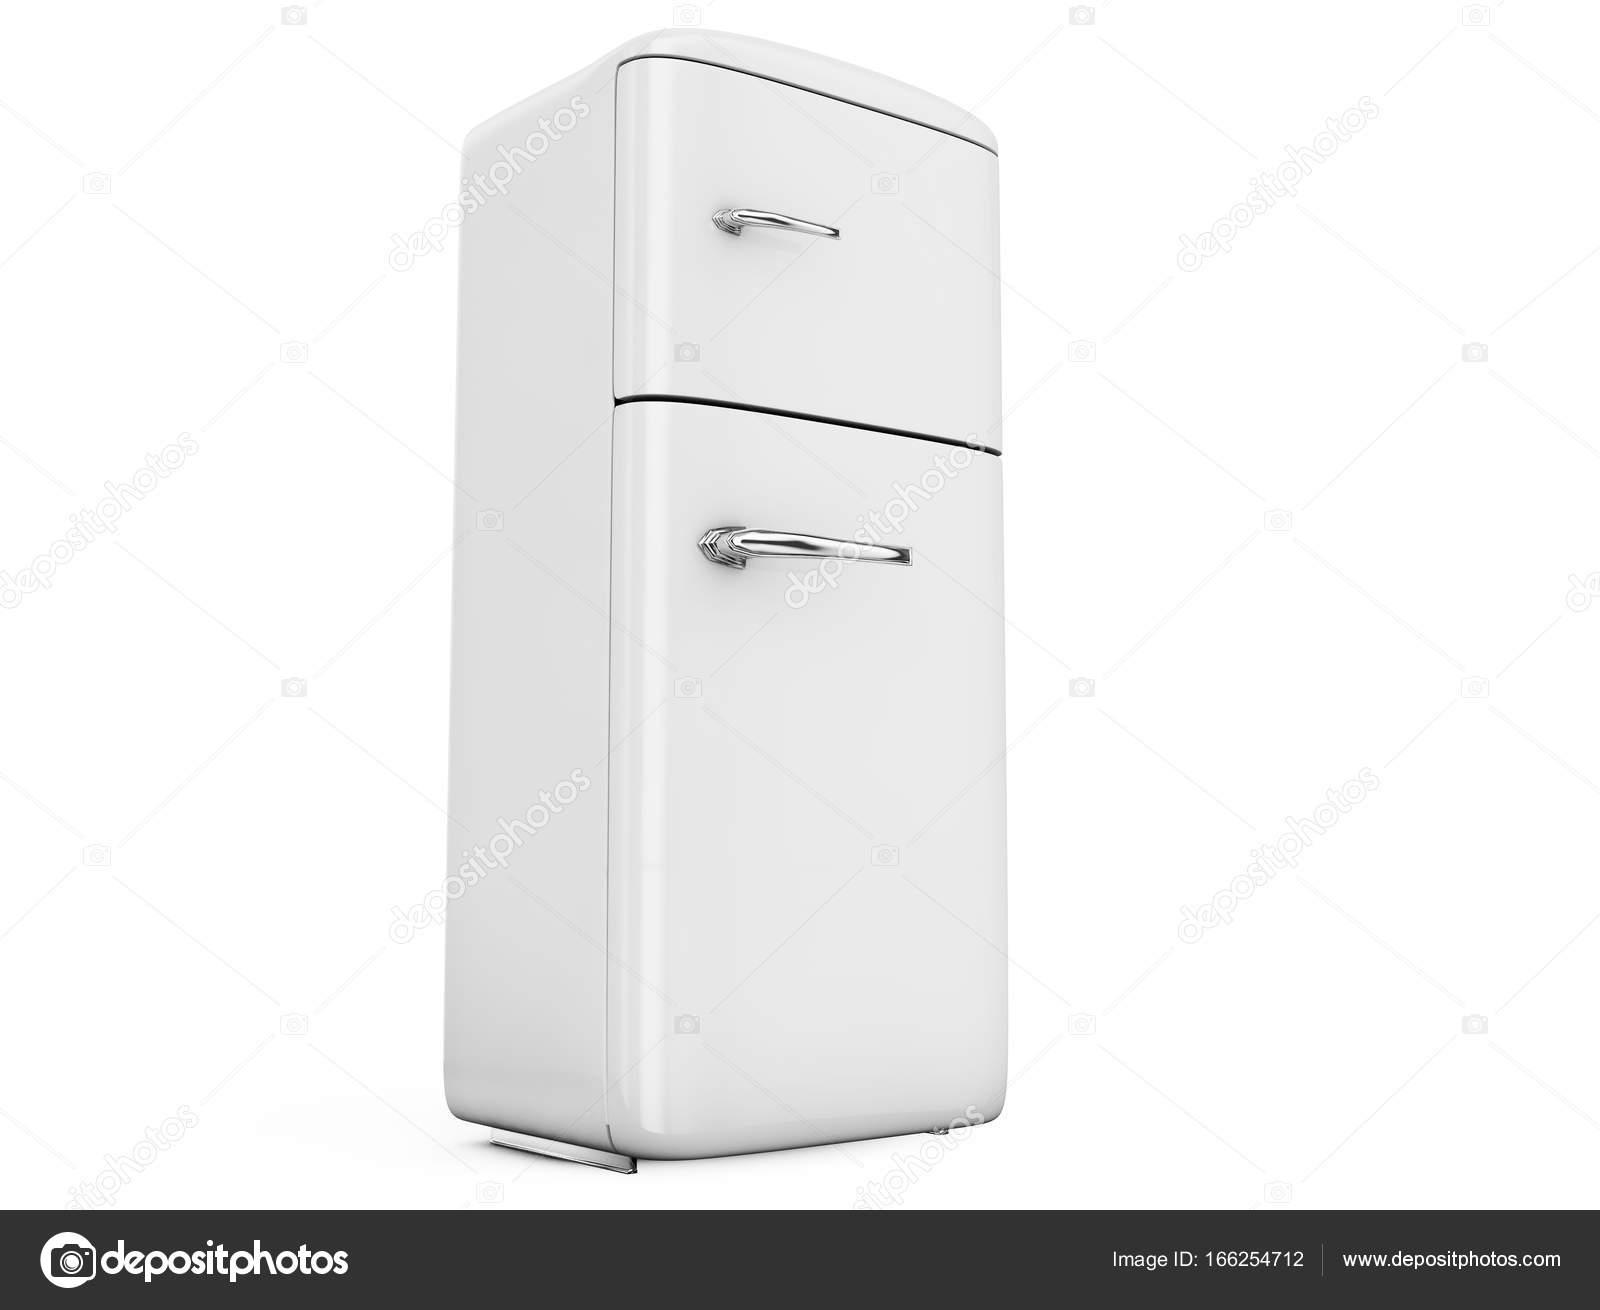 Retro Kühlschrank Doppeltür : Retro kühlschrank isoliert auf weißem background d render